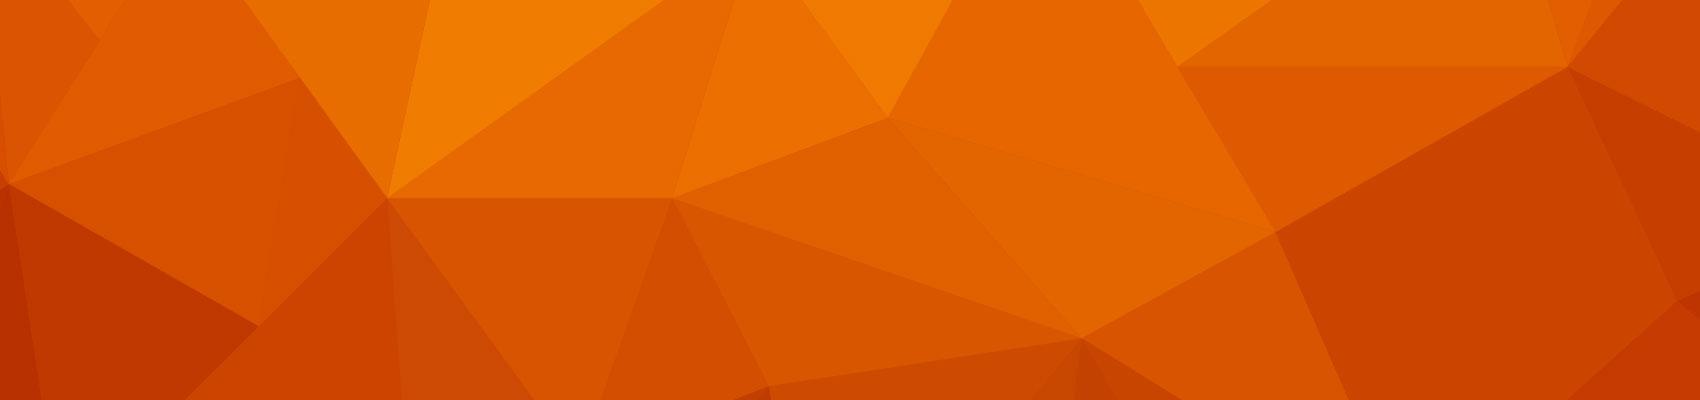 OrangeBack4